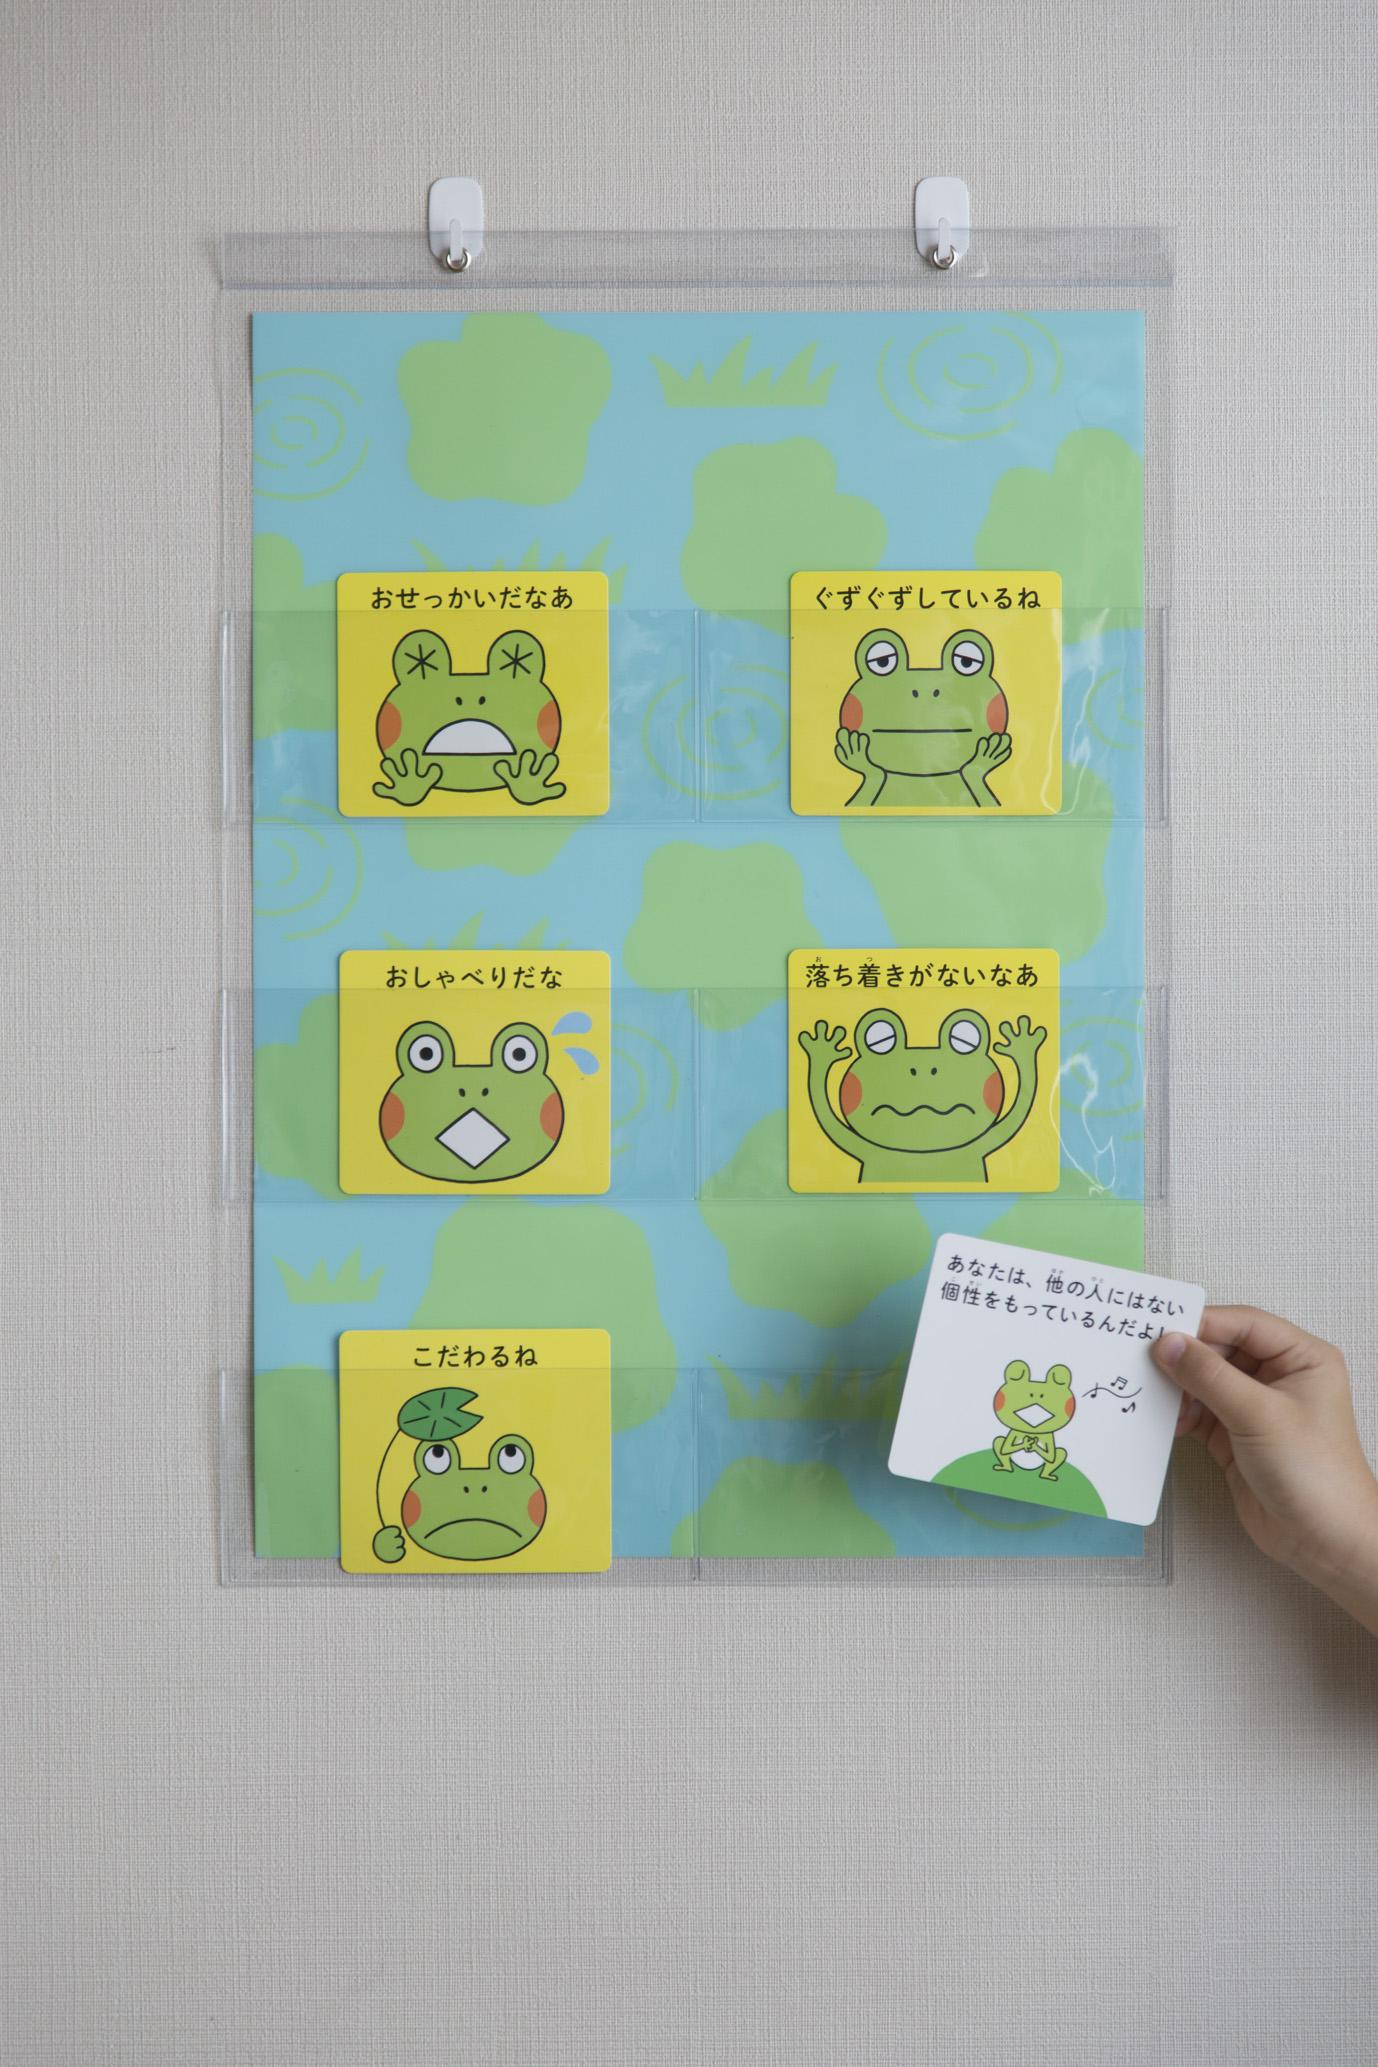 kakawari_card_kaeru